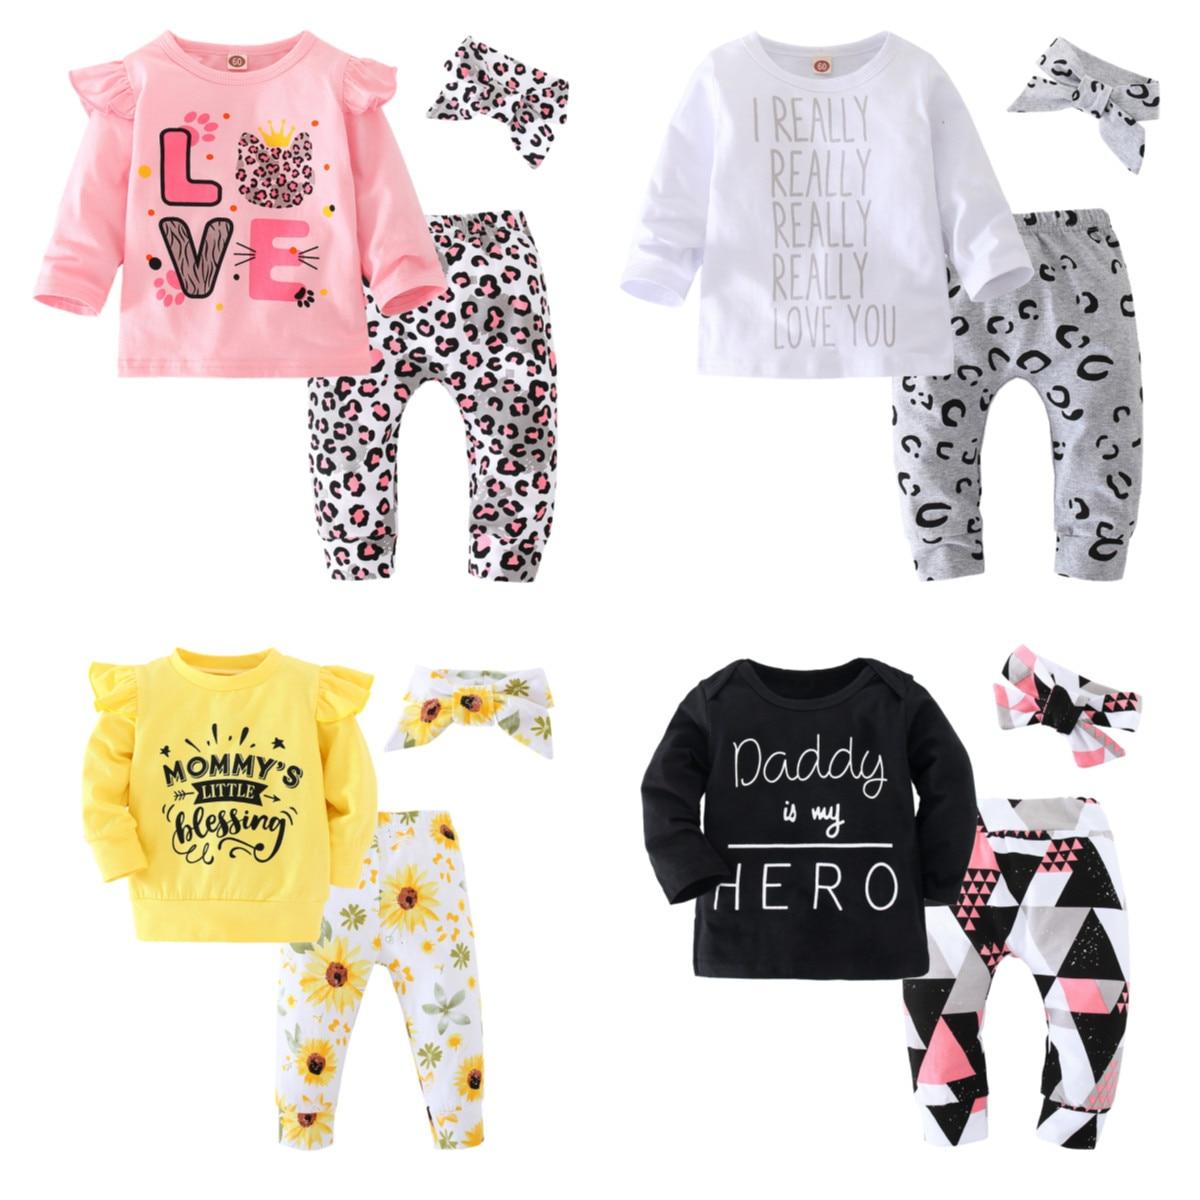 Outono menina roupa do bebê conjuntos de manga Longa de Algodão T camisa e Calças e Cabeça 3 pçs/set Recém-nascidos roupas Infantis Outfits